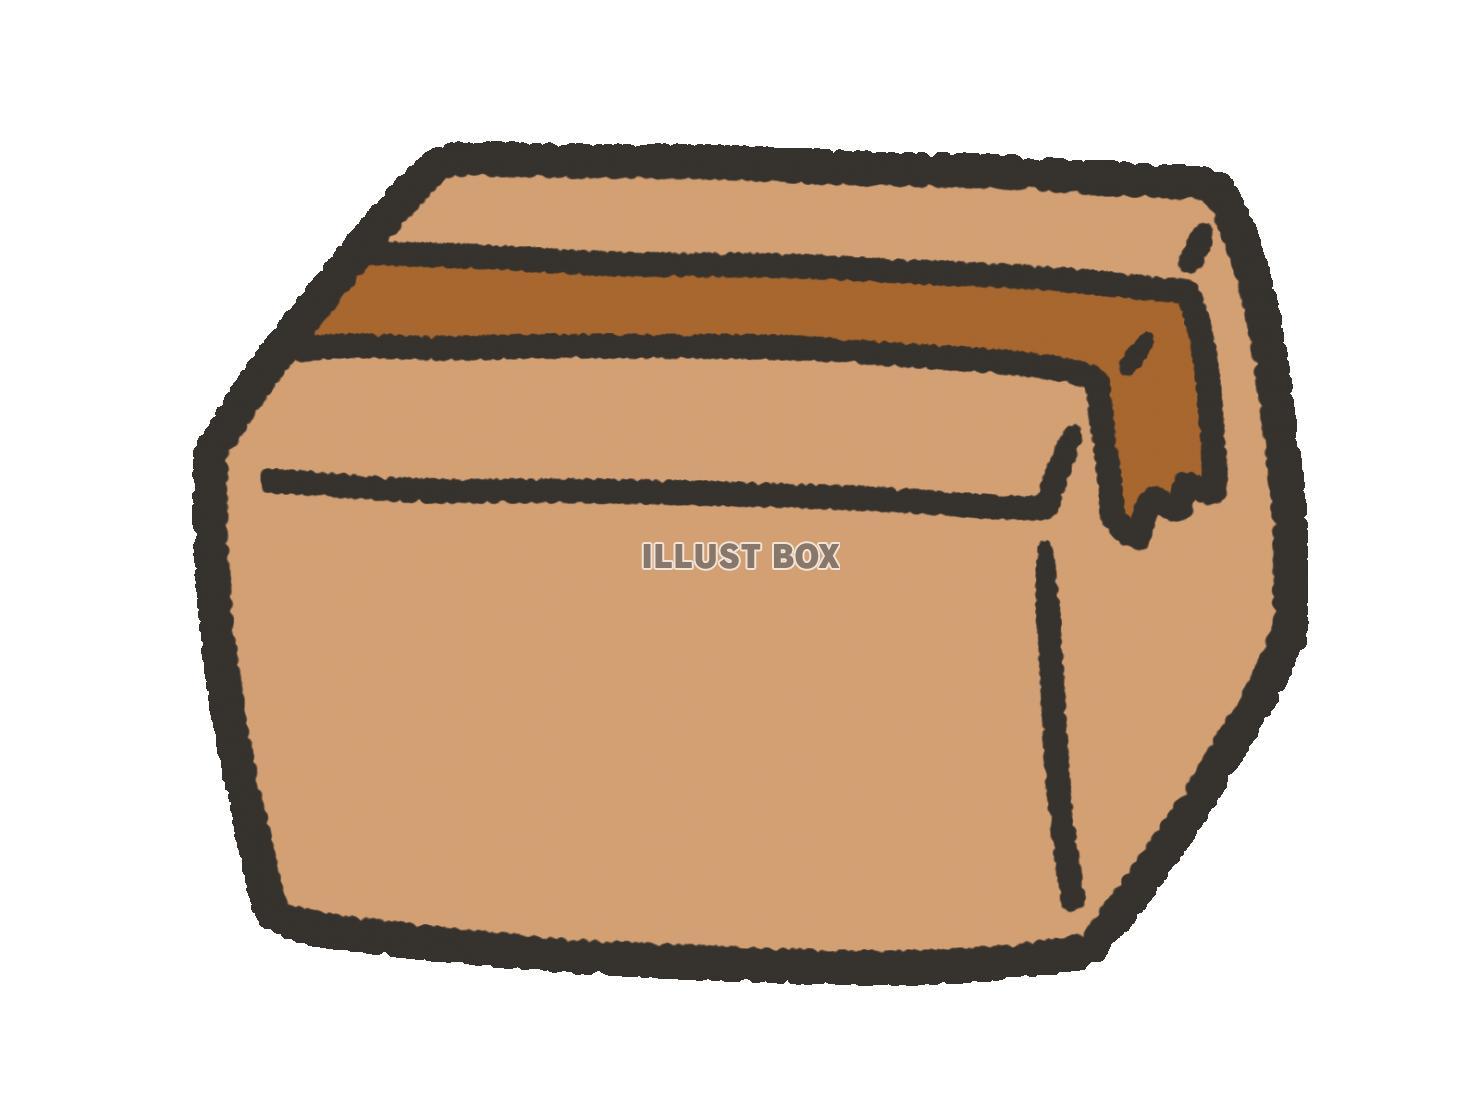 無料イラスト かわいいダンボール箱